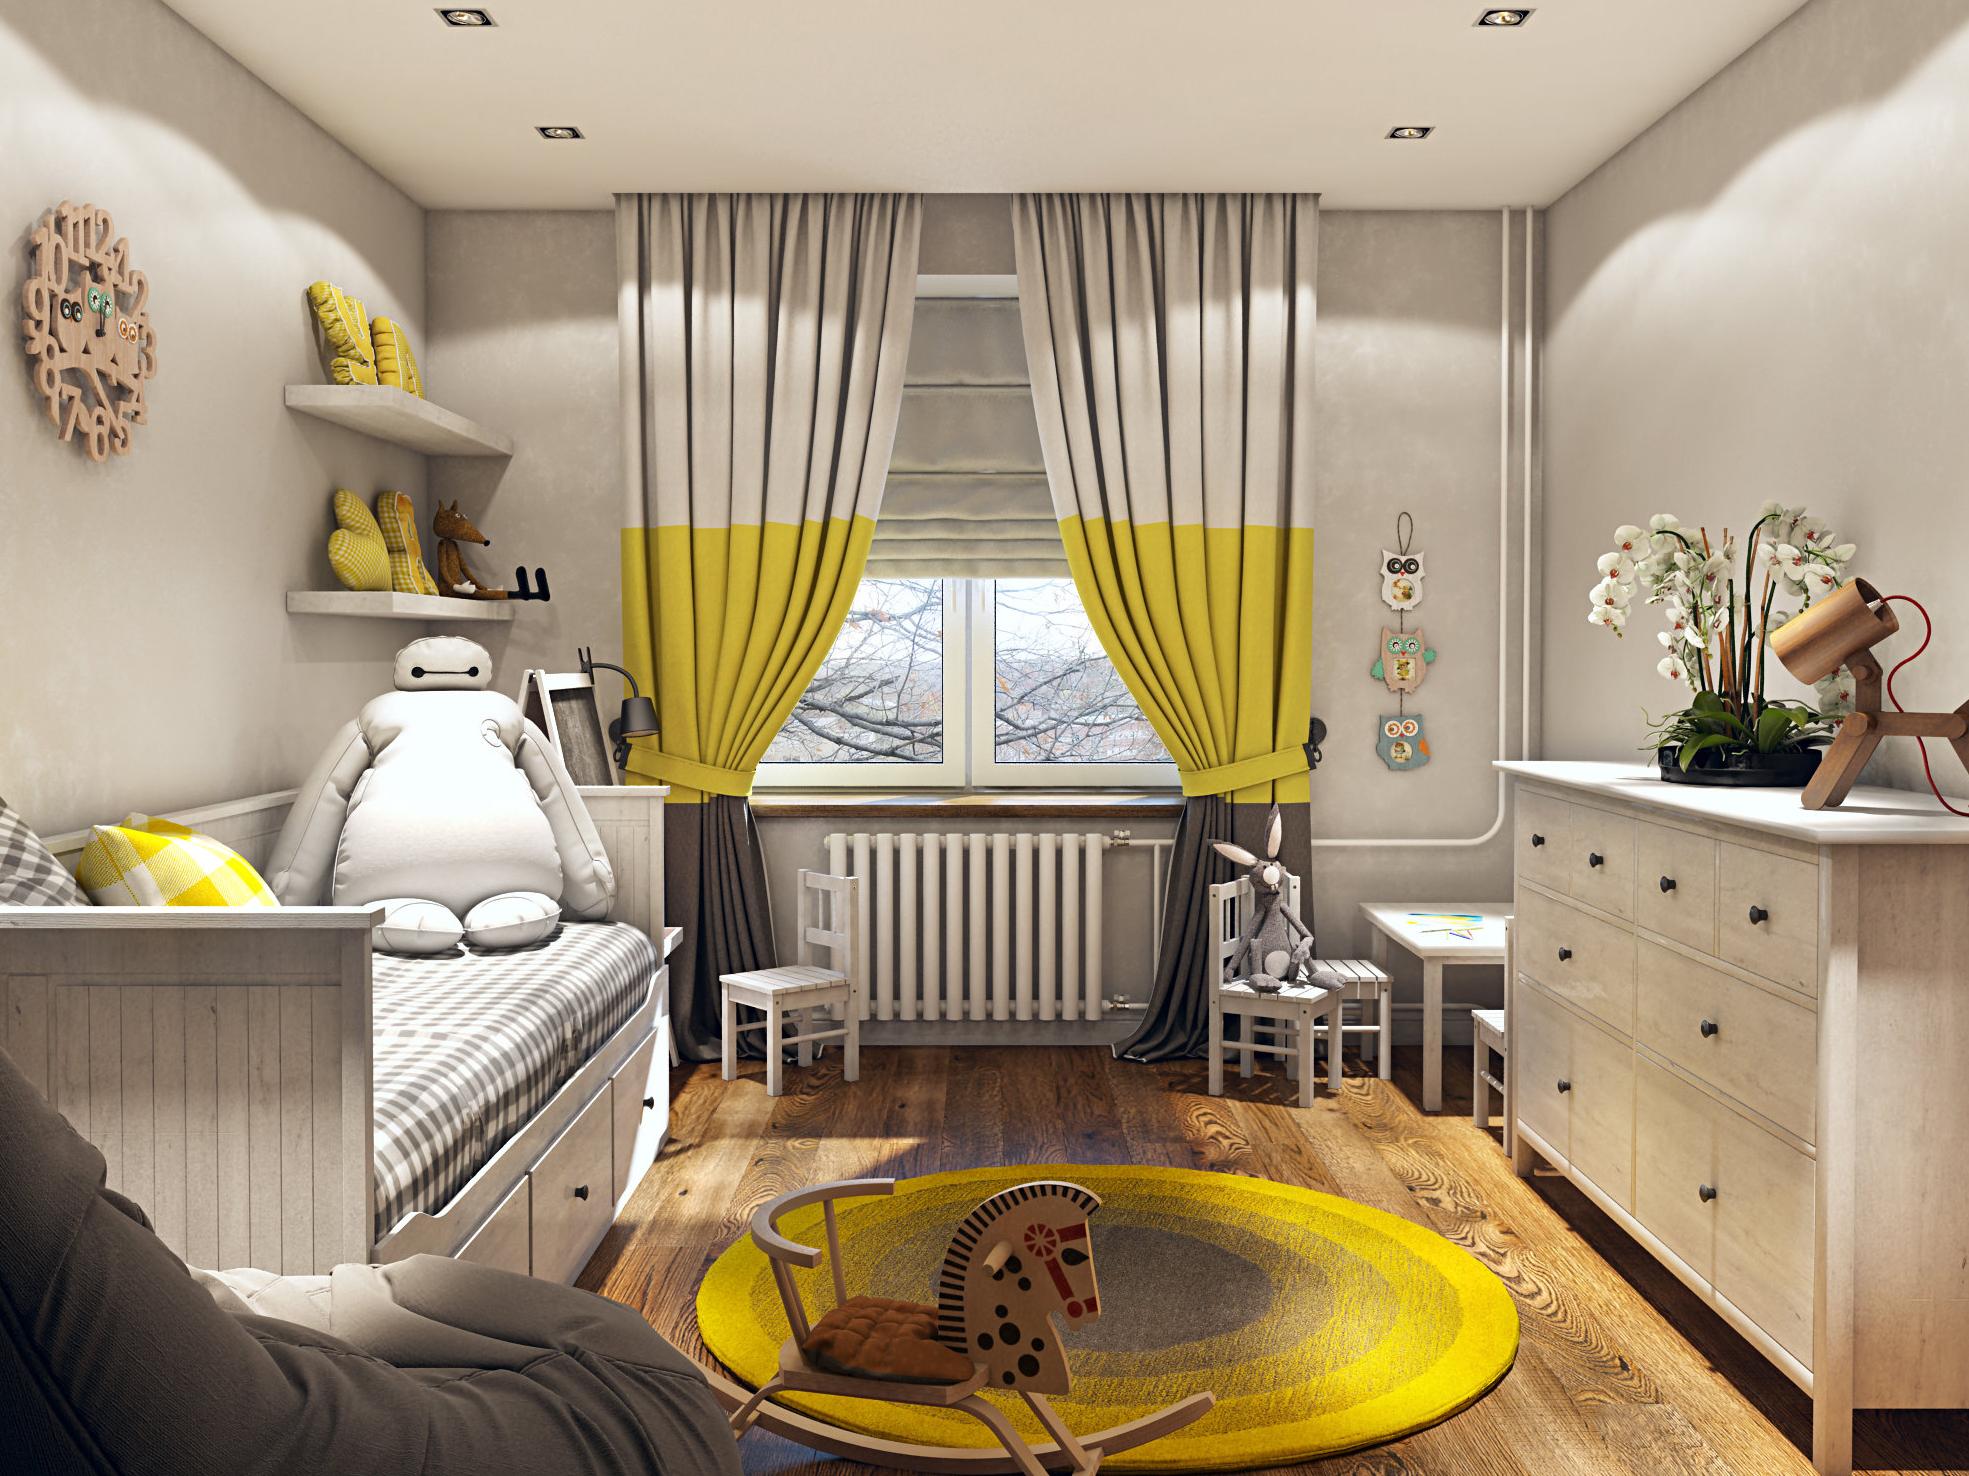 интерьер спальни в хрущевке подбор мебели и освещения 40 фото